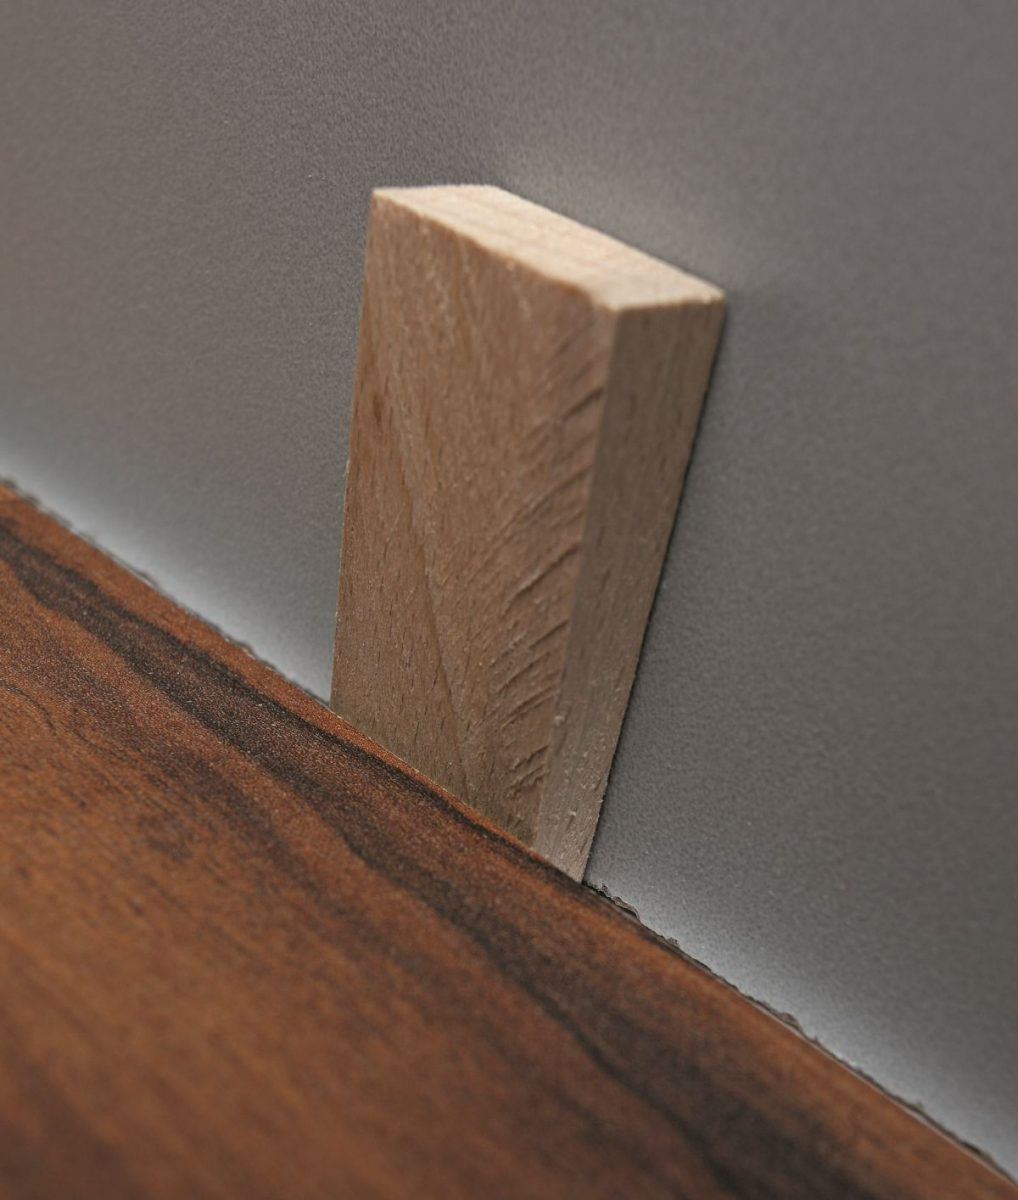 0_kliny-v-dilatacni-spare-dreveny-1200x1200.jpg